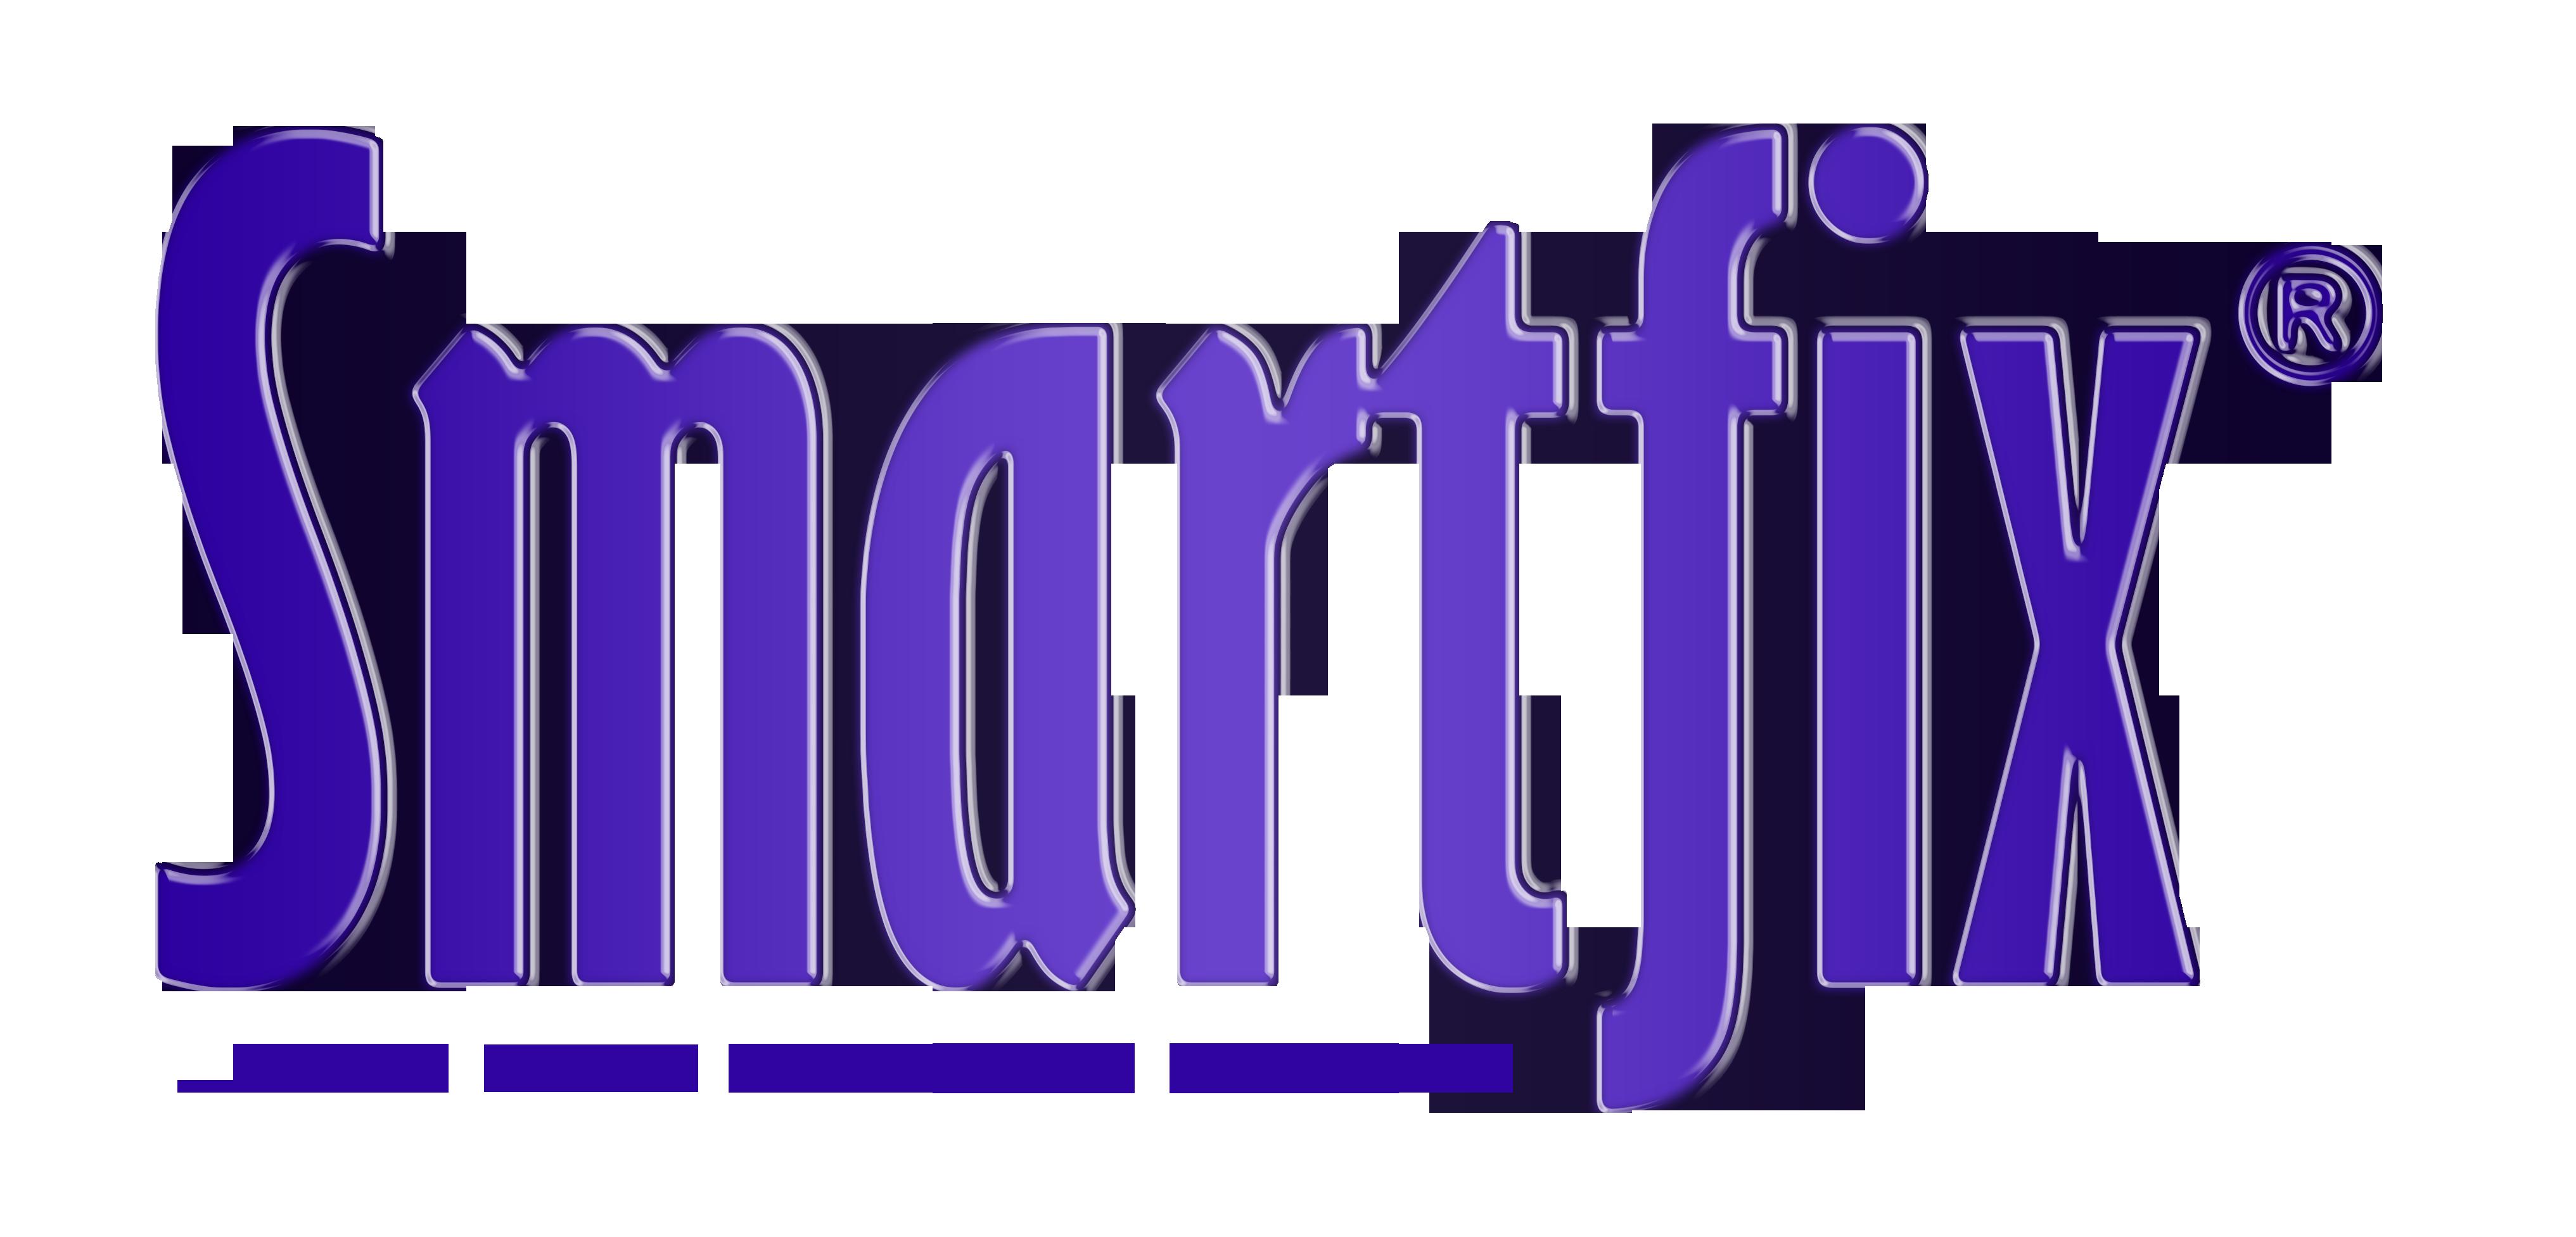 smartfix-logo-solutions.png